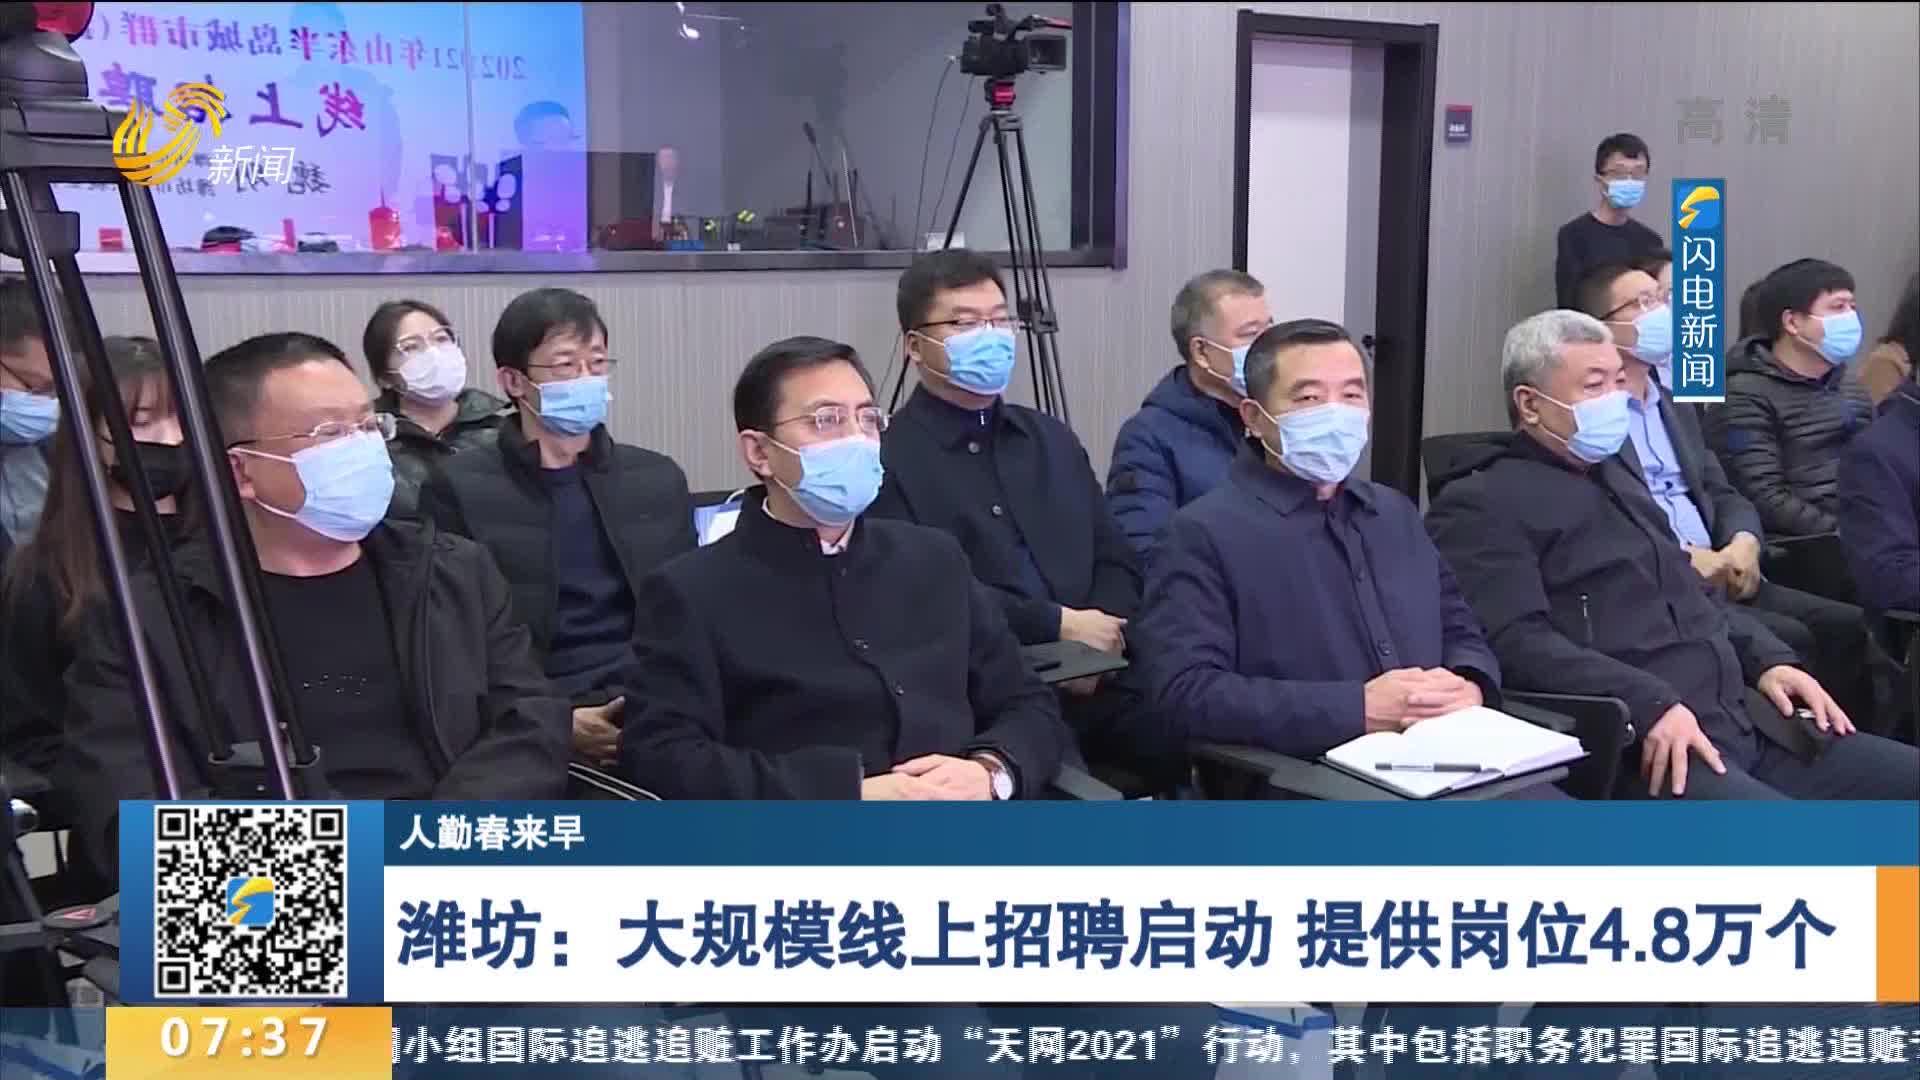 【人勤春来早】潍坊:大规模线上招聘启动 提供岗位4.8万个